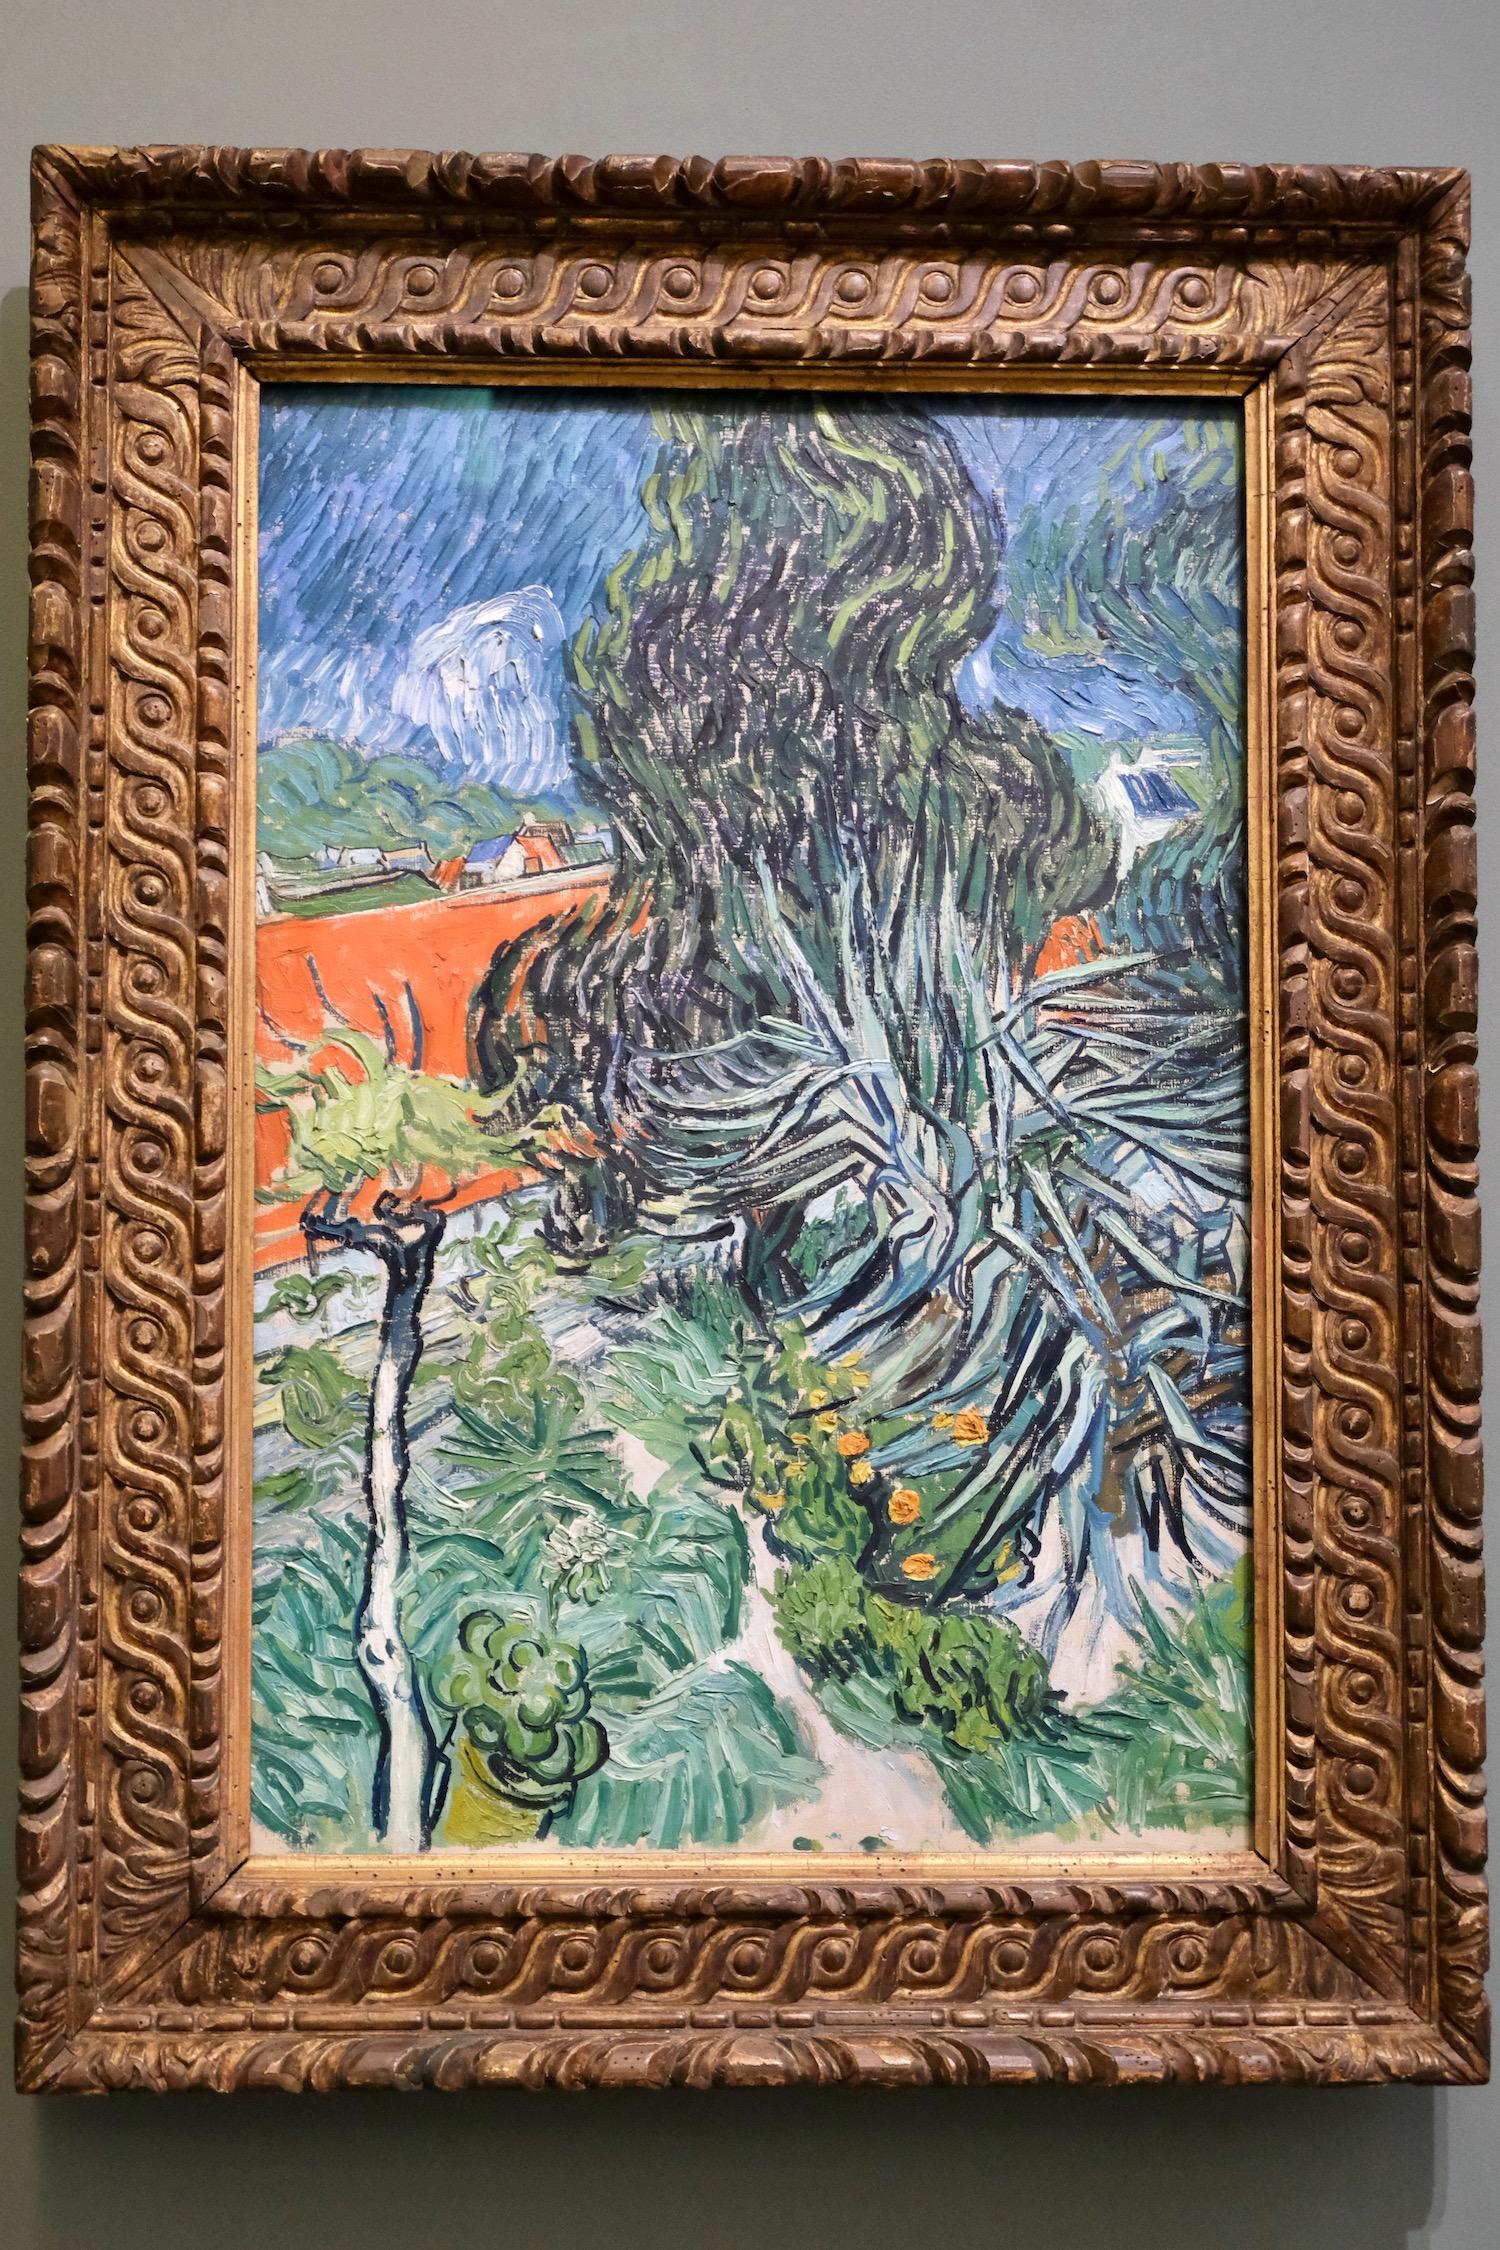 Musée d'Orsay post-impressionism